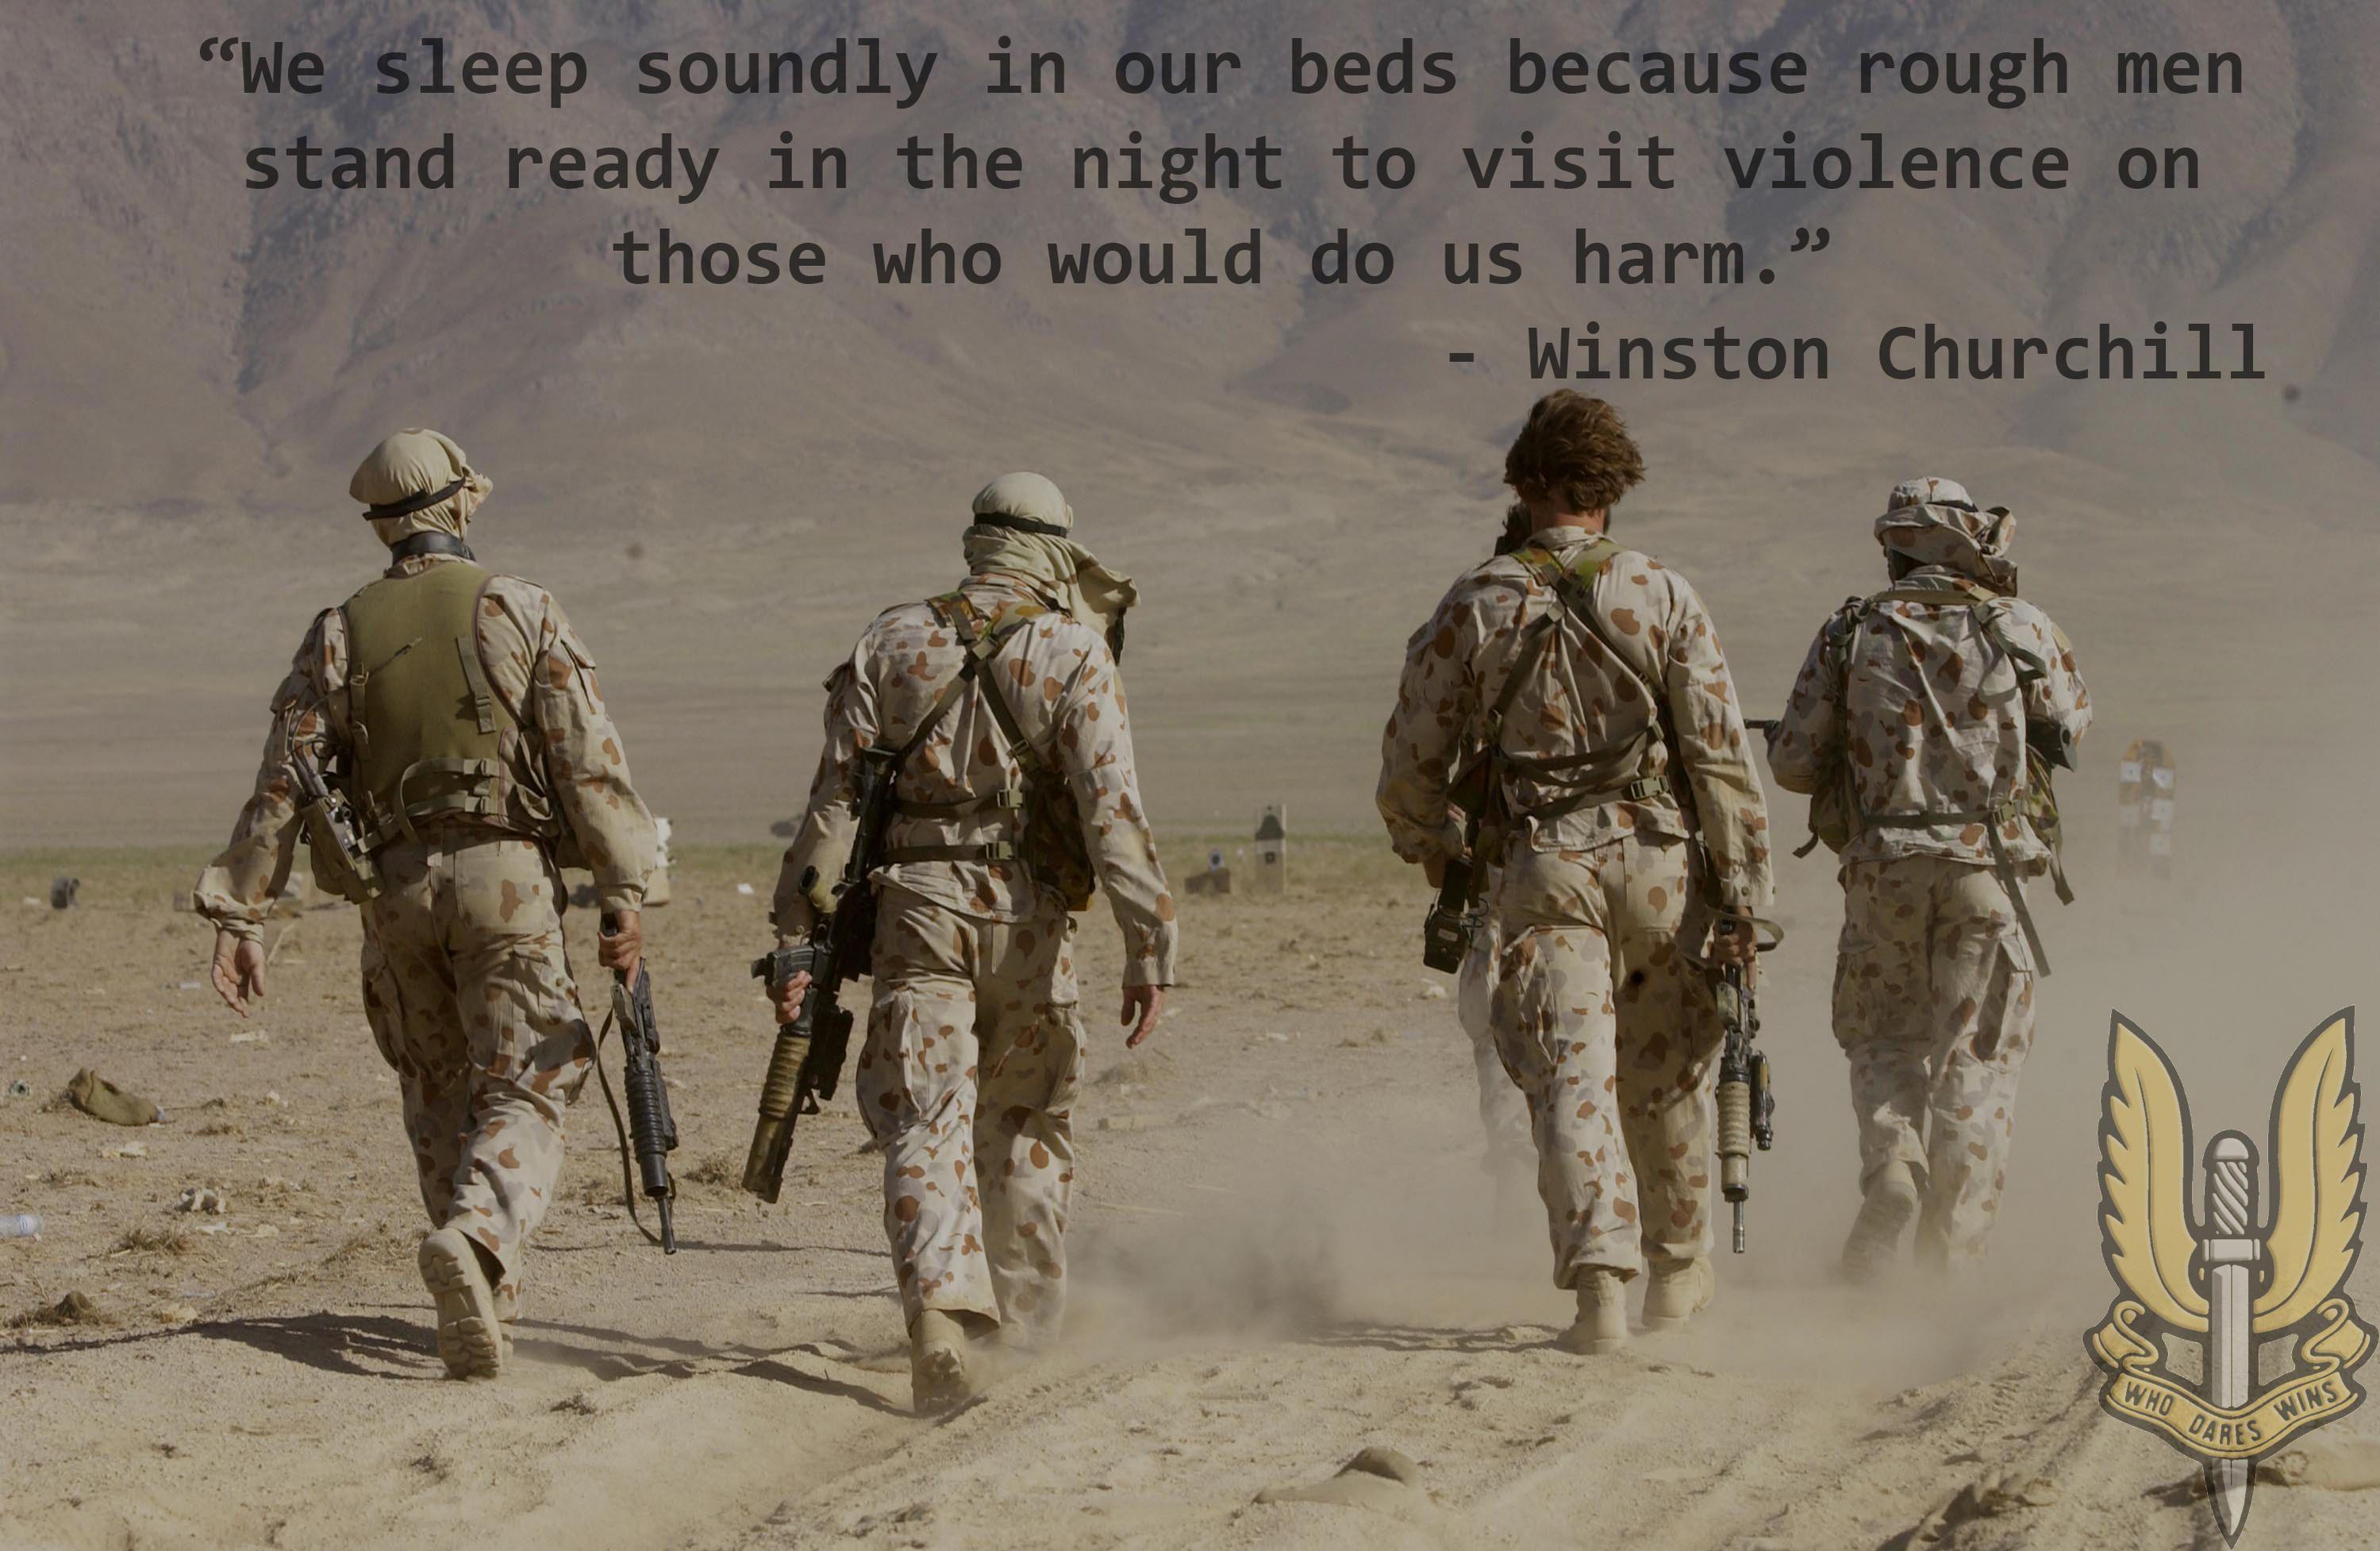 We sleep soundly because . . .